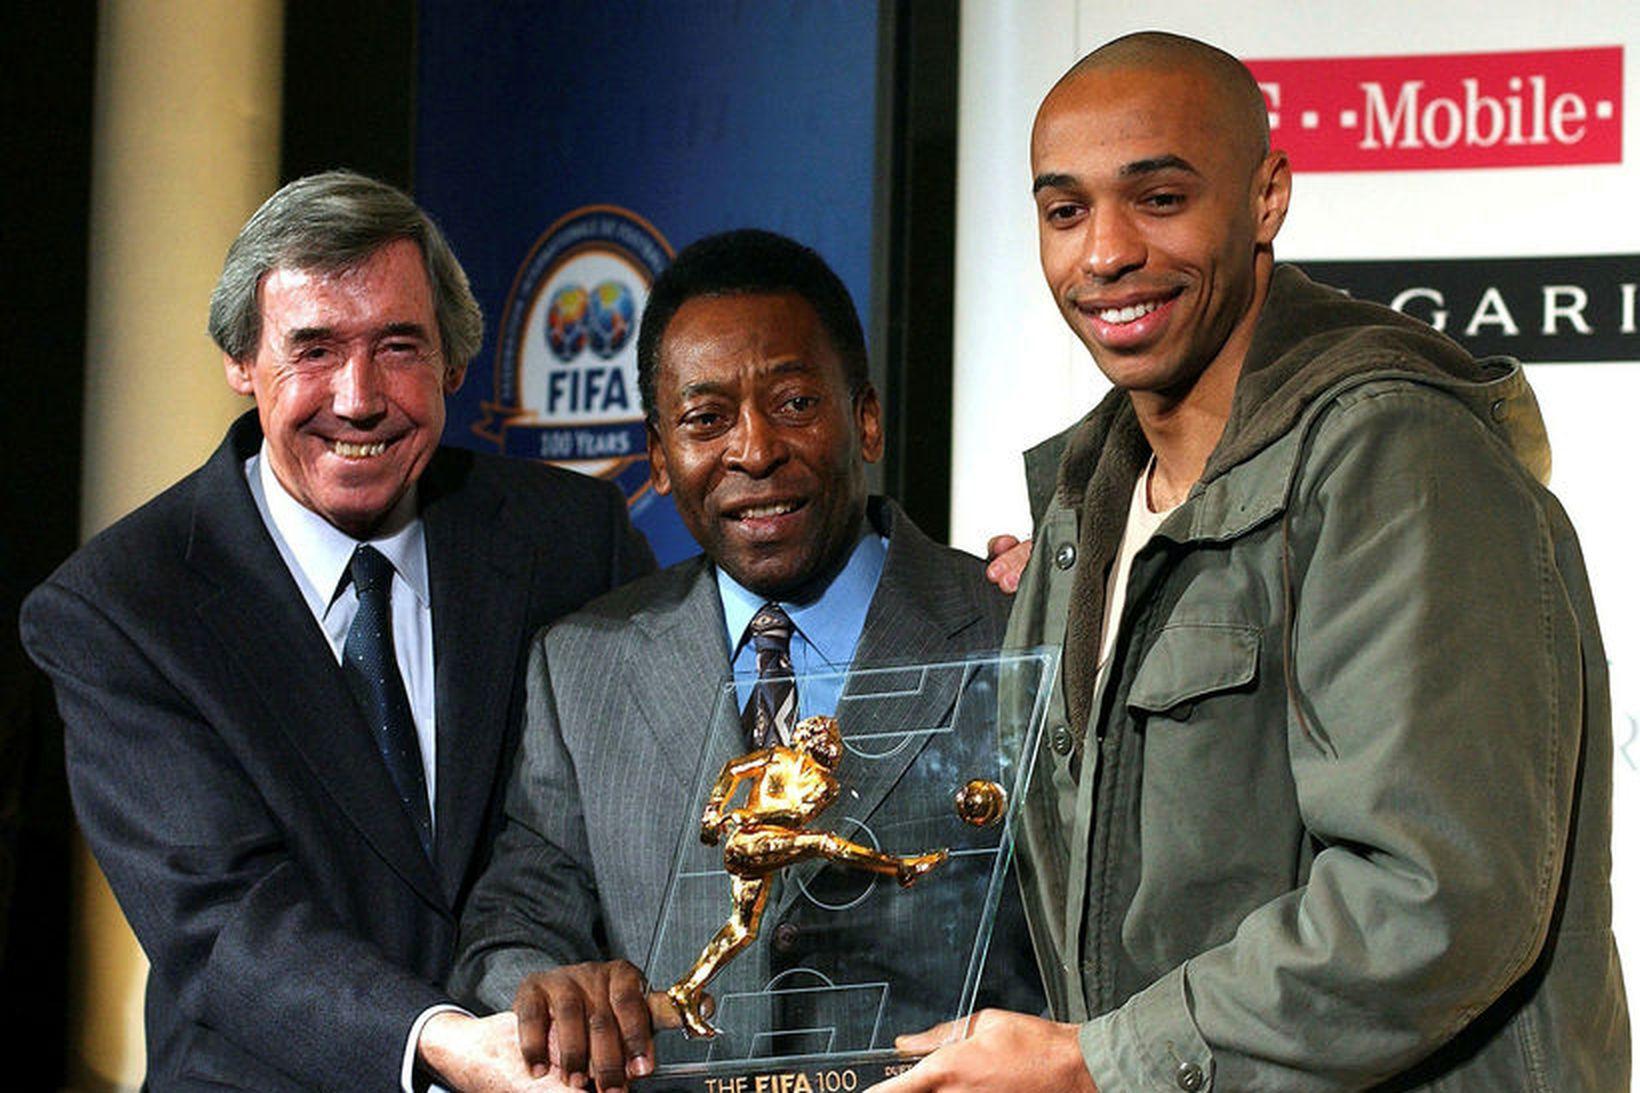 Gordon Banks og Pelé afhenda í sameiningu Thierry Henry verðlaun …